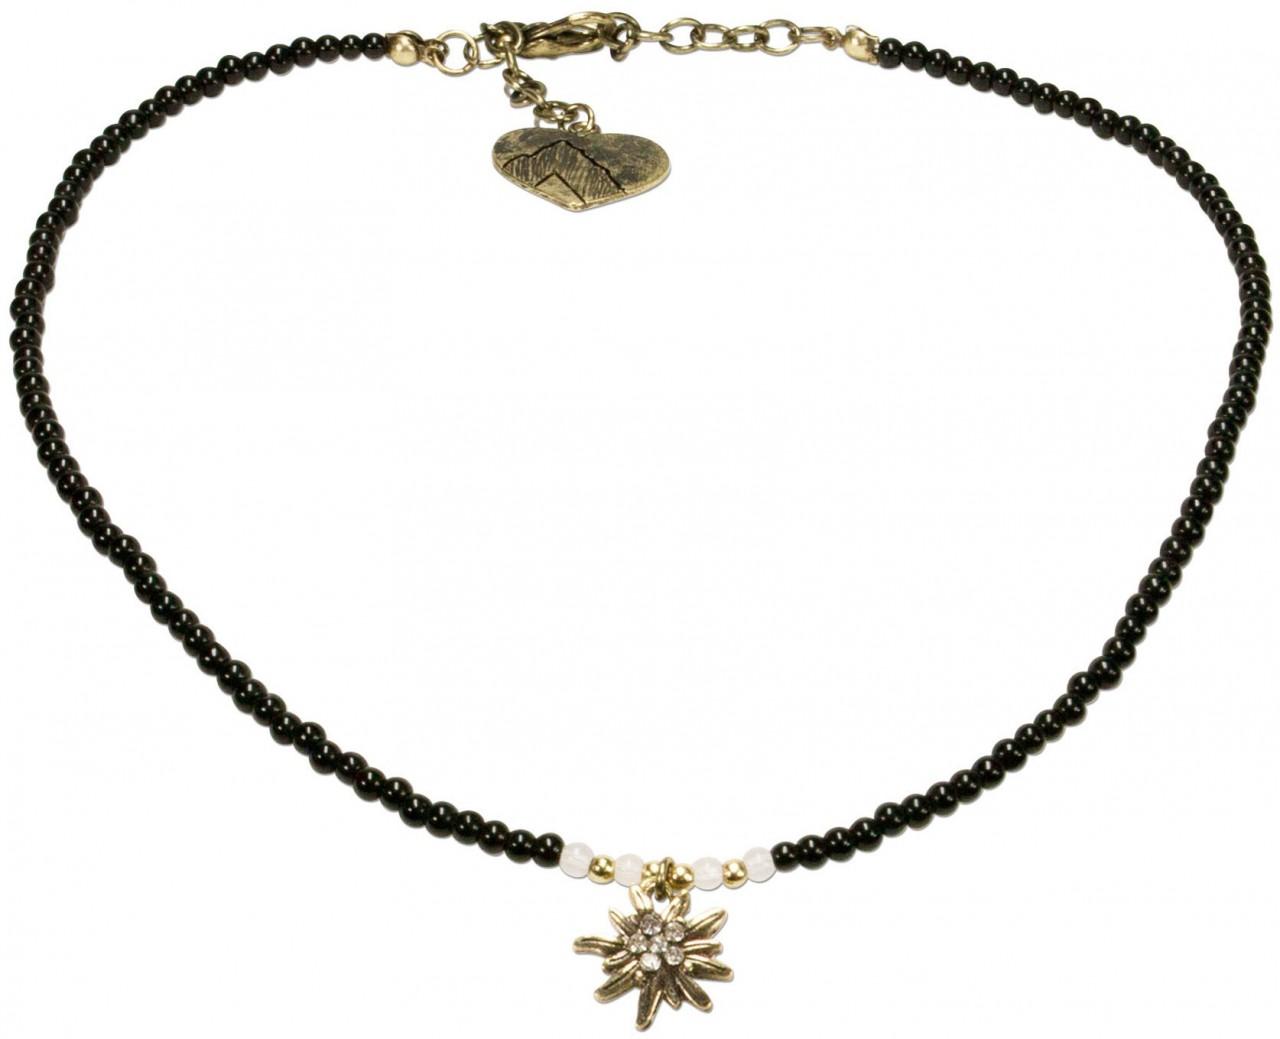 Perlenhalskette Strass-Edelweiß schwarz